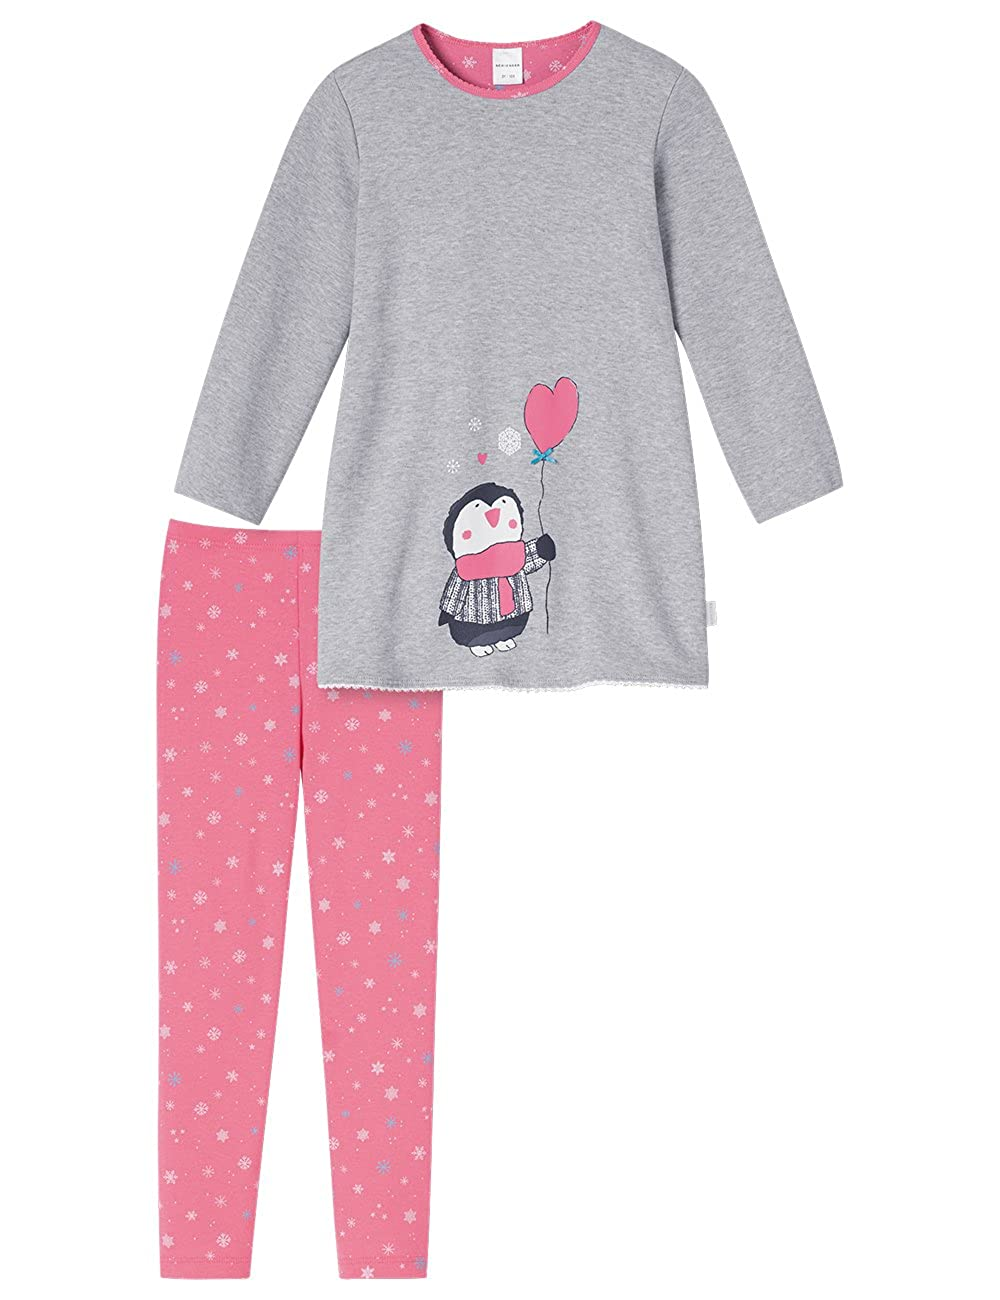 teilg lang aus der Serie Schneehase Grey Schiesser Mädchen Baby Schlafanzug 2